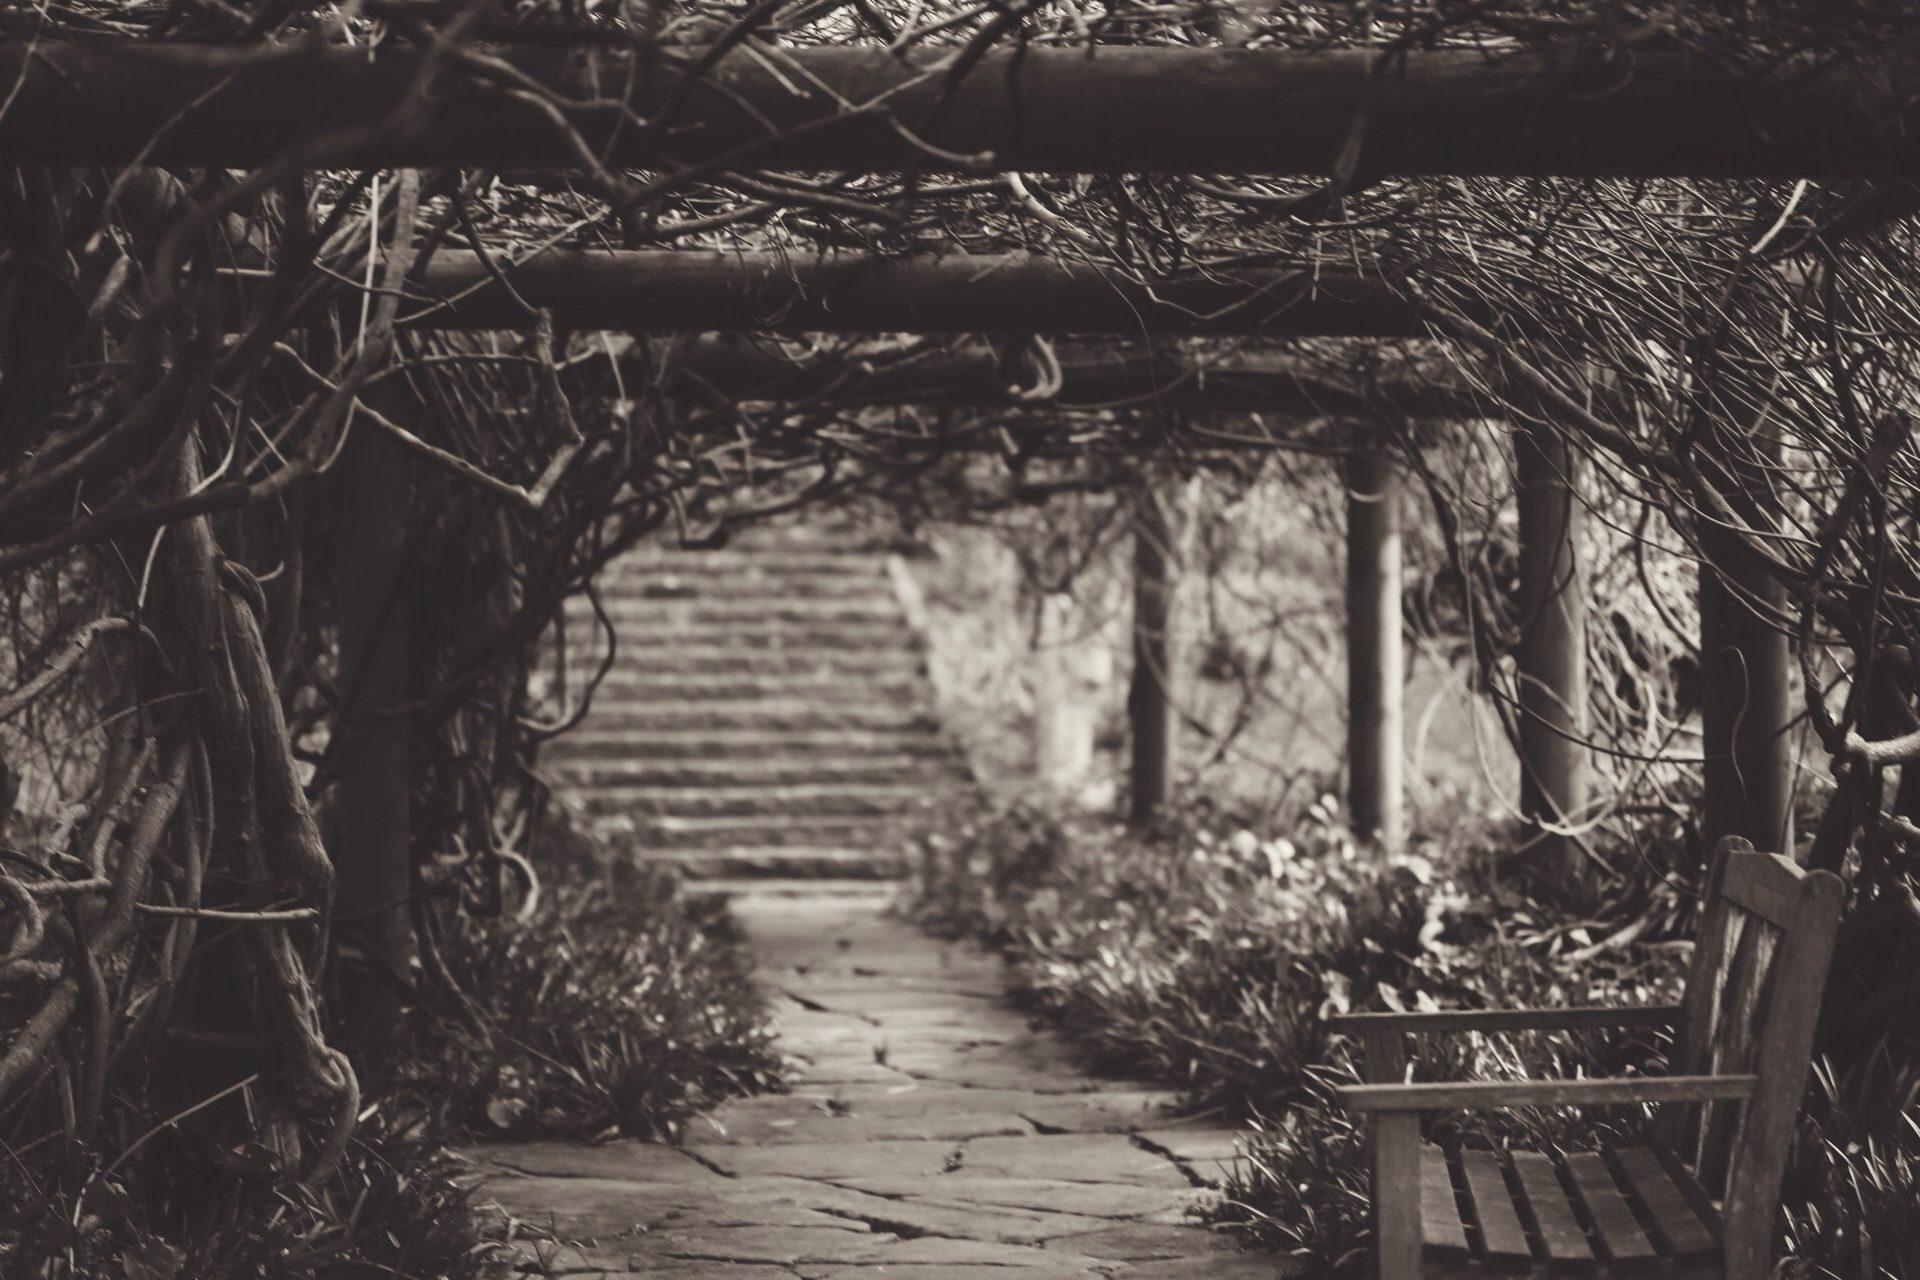 Garten, Park, Fahrt, Sitz, in schwarz und weiß - Wallpaper HD - Prof.-falken.com